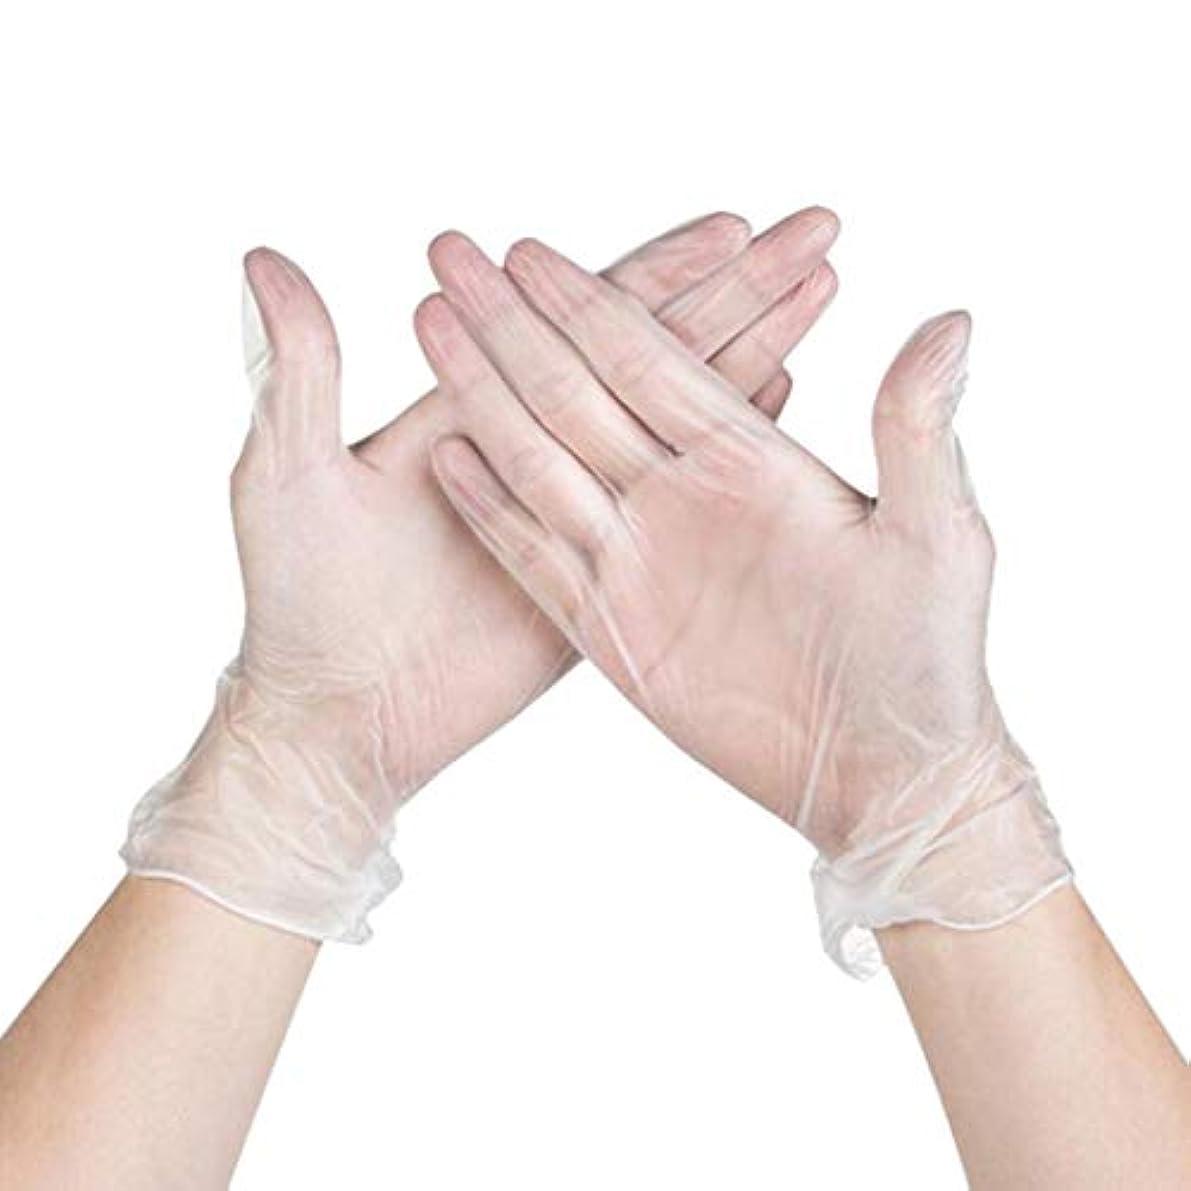 修復難民ゲートPinji 使い捨て手袋 100枚入 透明 手袋 ポリエチレン 左右兼用 薄型 グローブ PVC手袋 耐油 料理 掃除 衛生 ホワイト 実用 医療 美容 科学実験 M